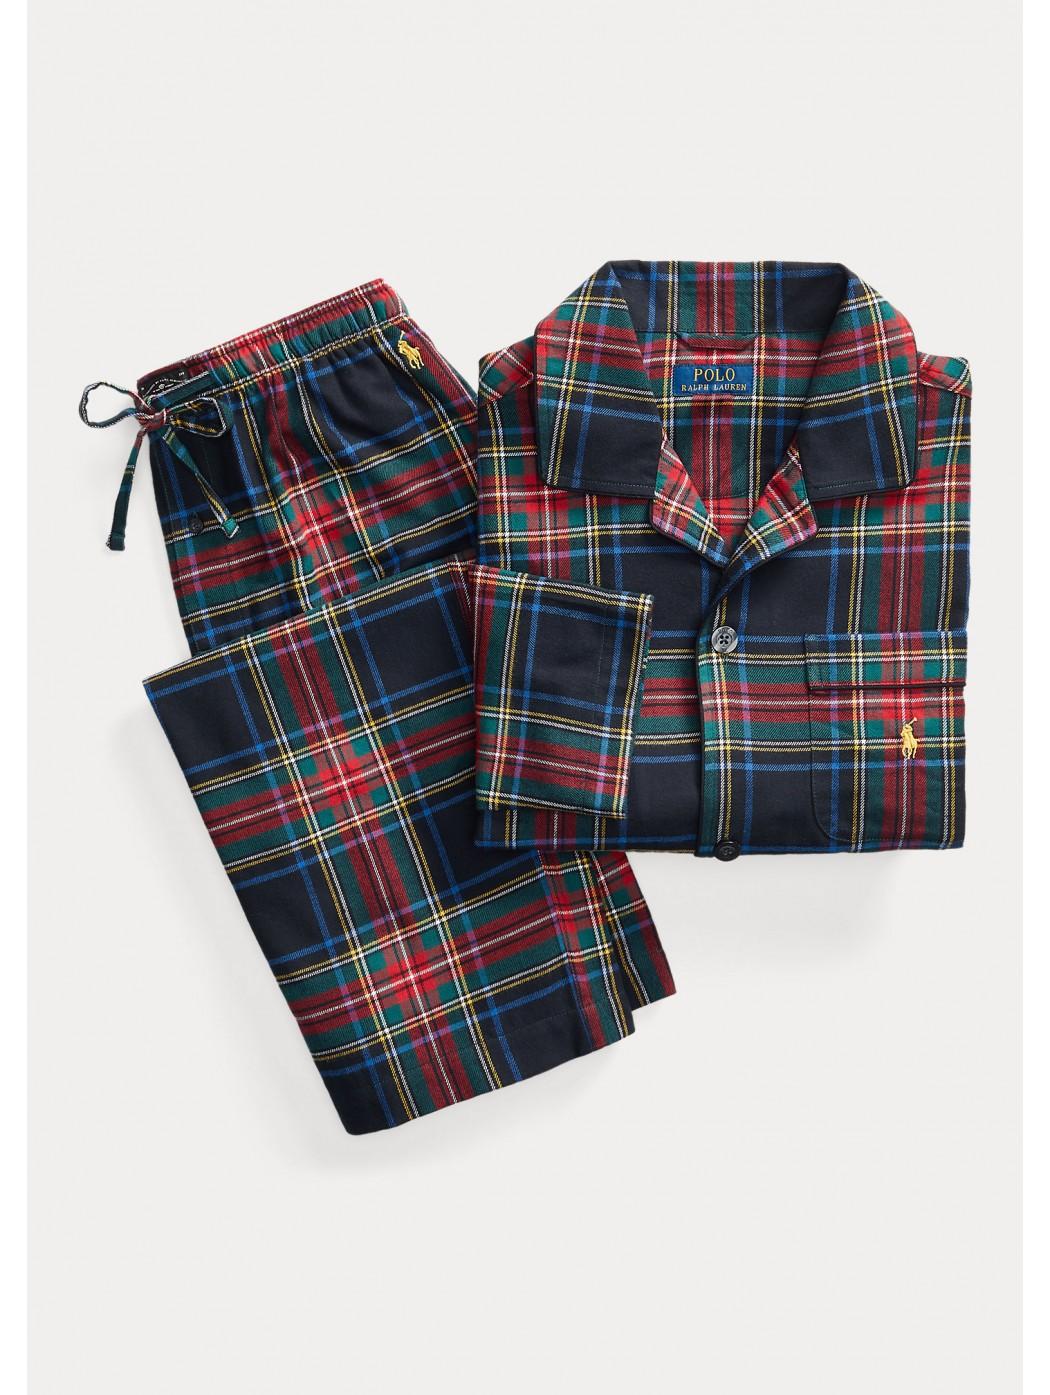 Pigiama scozzese in flanella POLO RALPH LAUREN UOMO 714754038 002